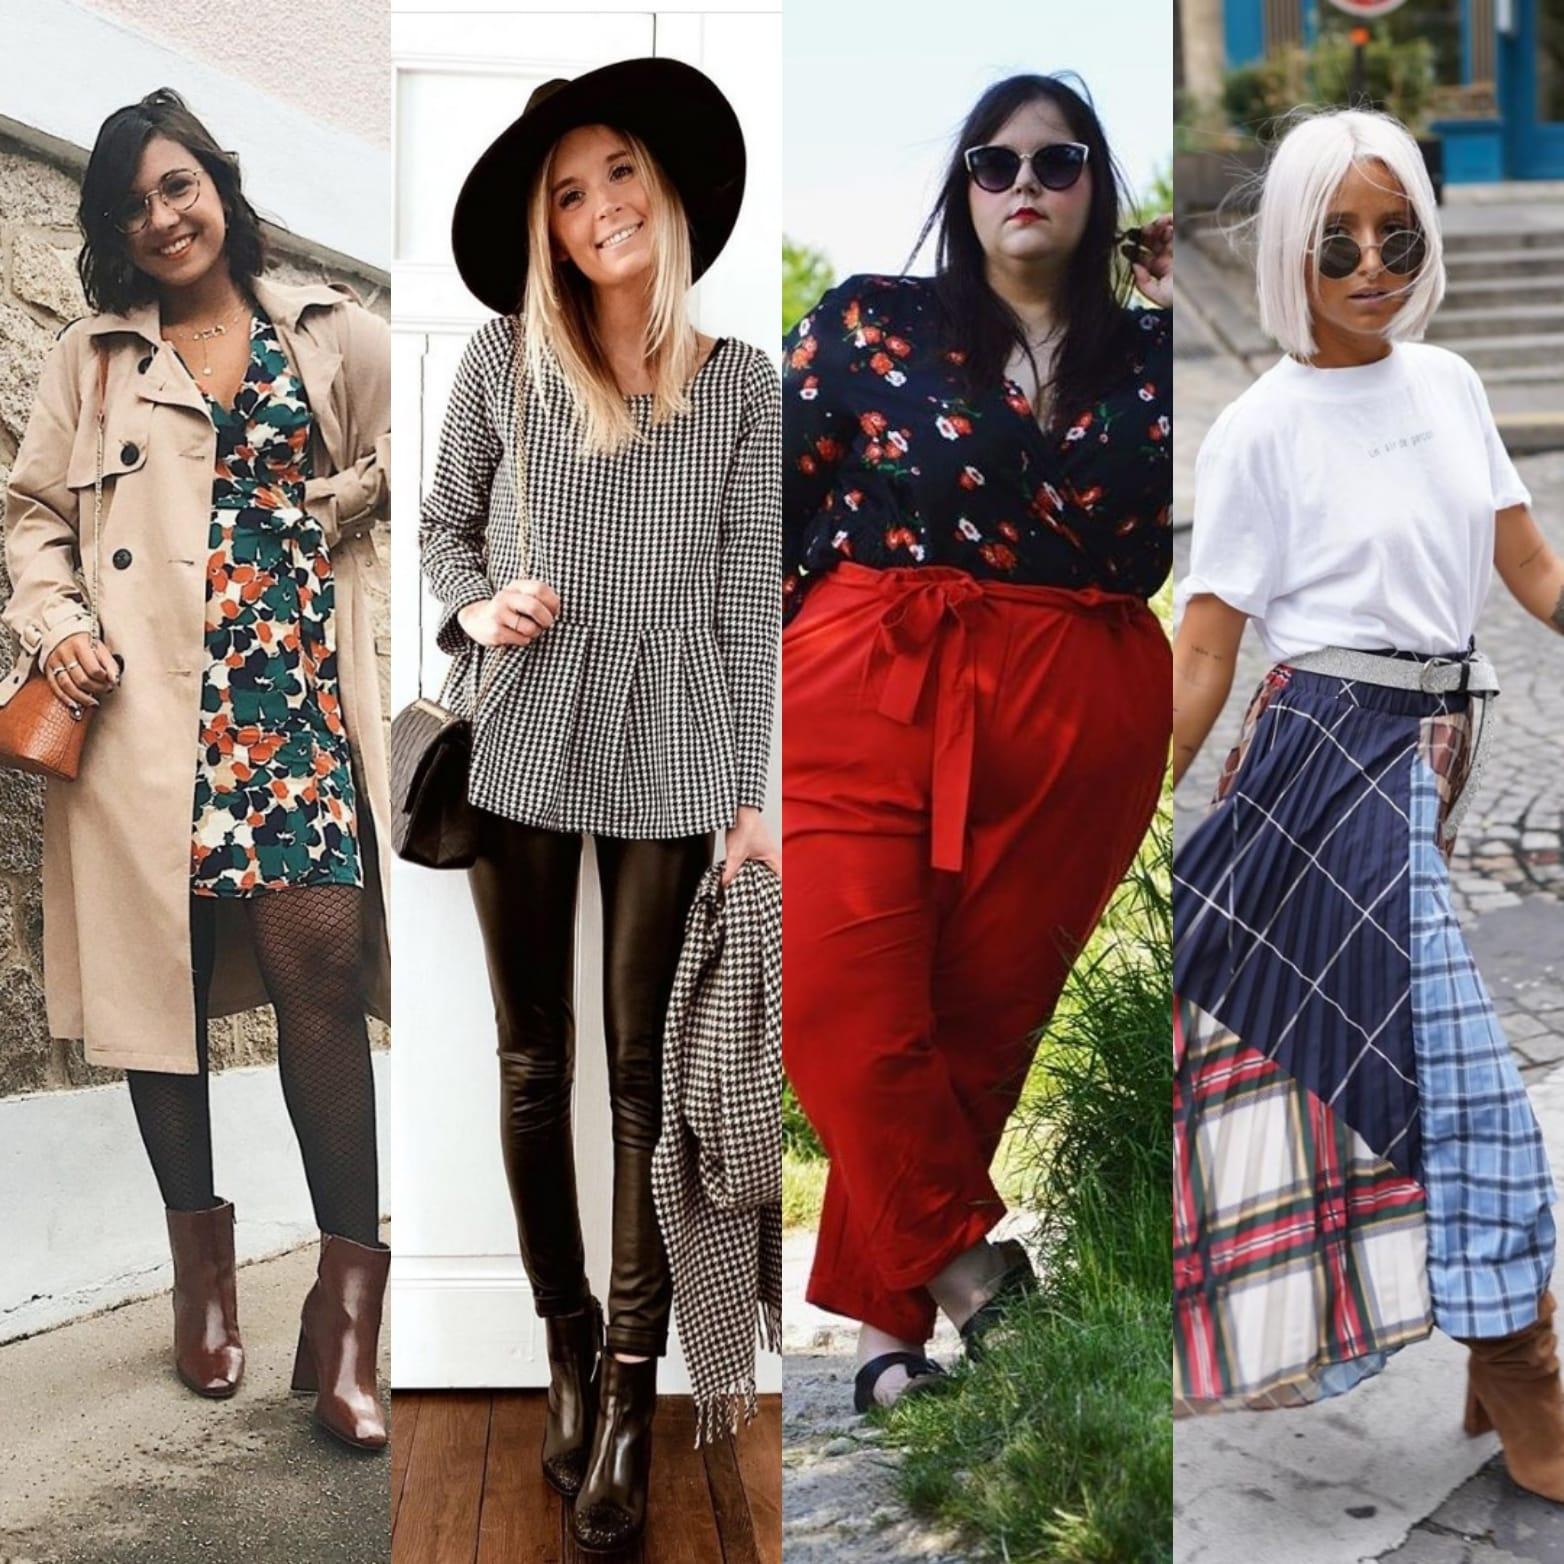 Différents styles et looks tendances pour femmes.